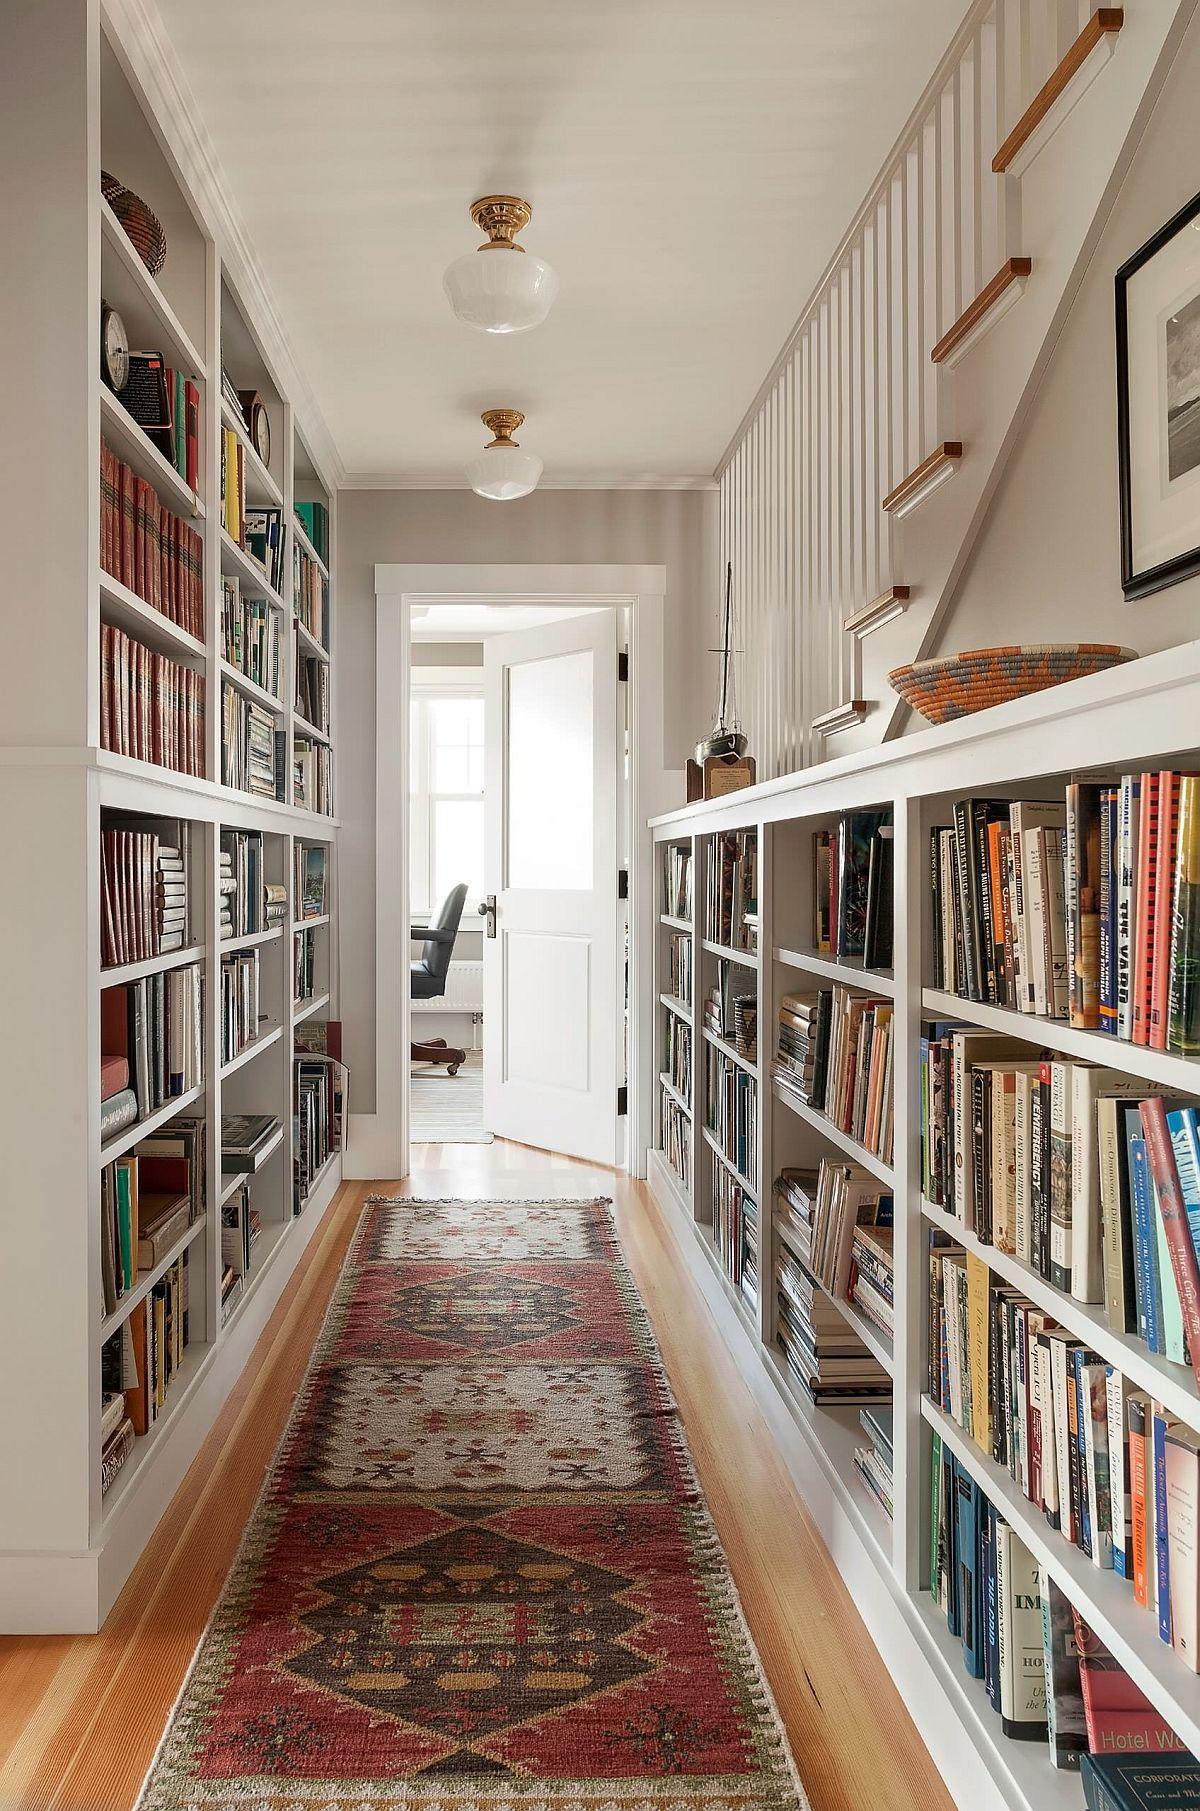 Thiết kế giá sách đơn giản và thiết thực cho hành lang nhỏ.